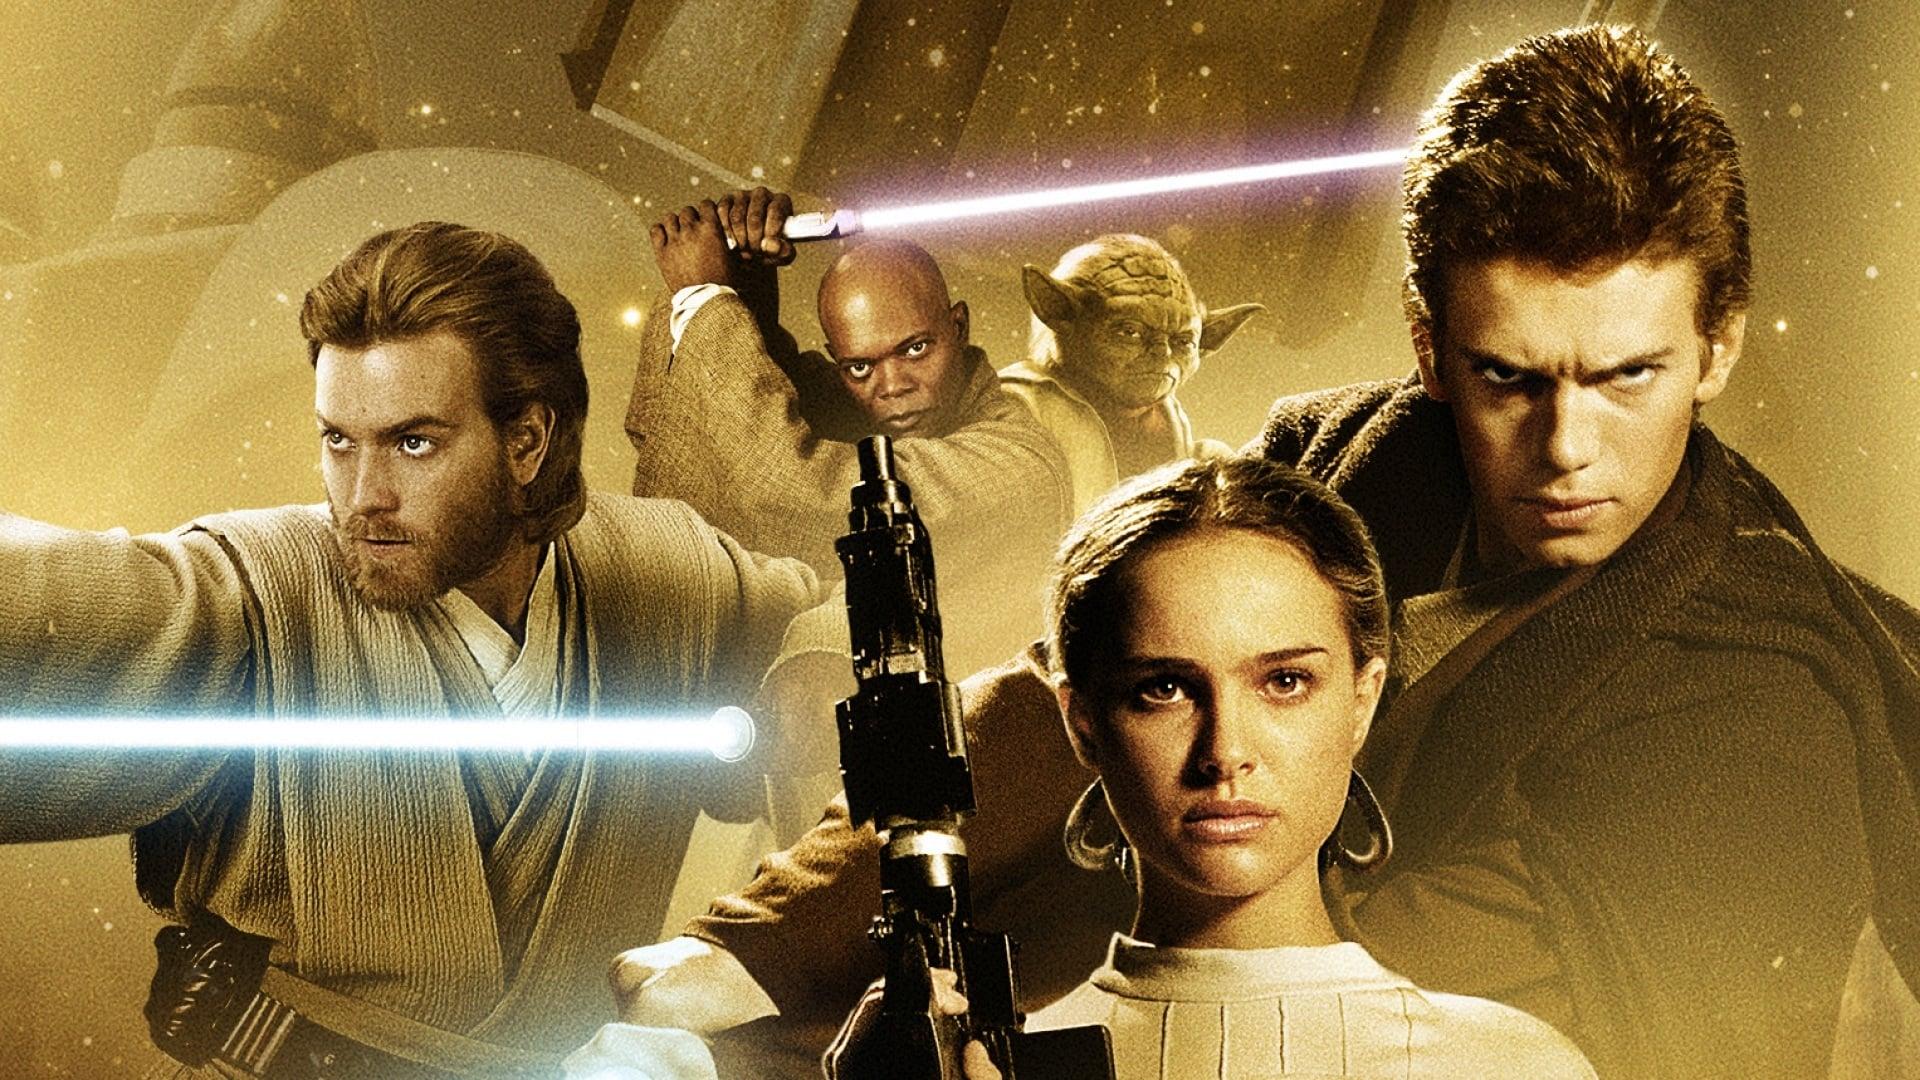 La guerra de las galaxias Episodio II: El ataque de los clones